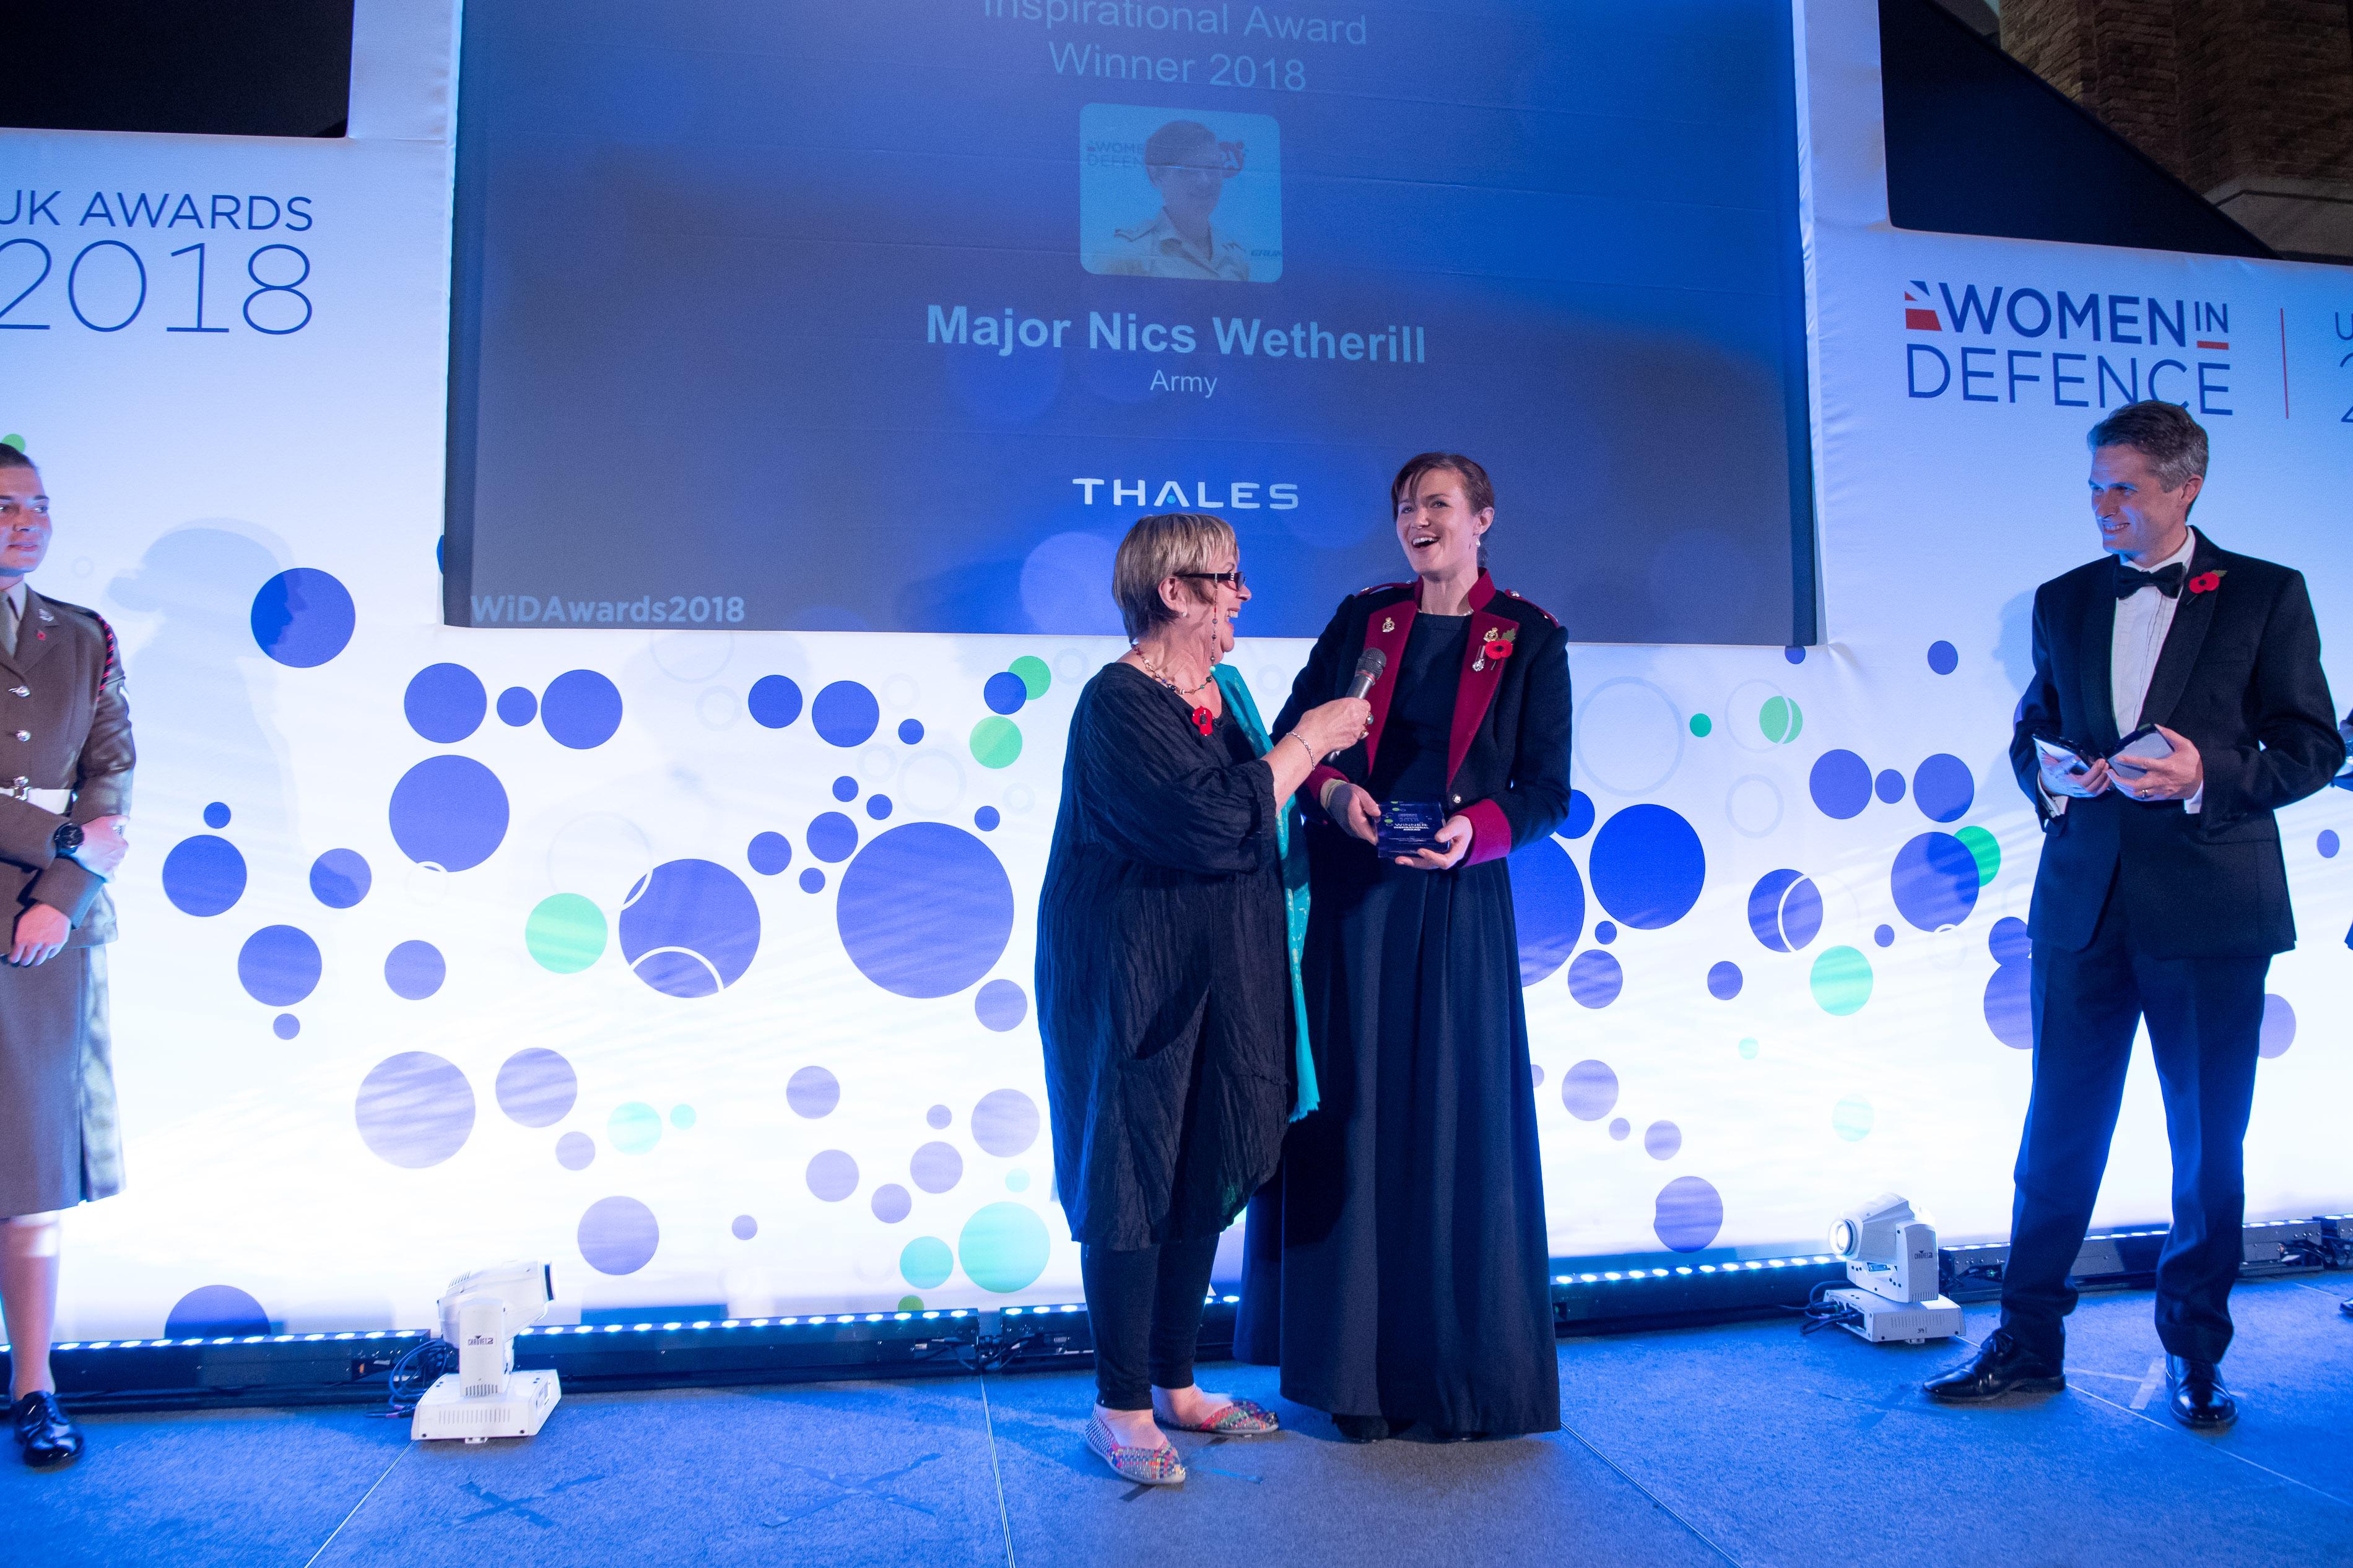 Inspirational Award Nics Wetherill